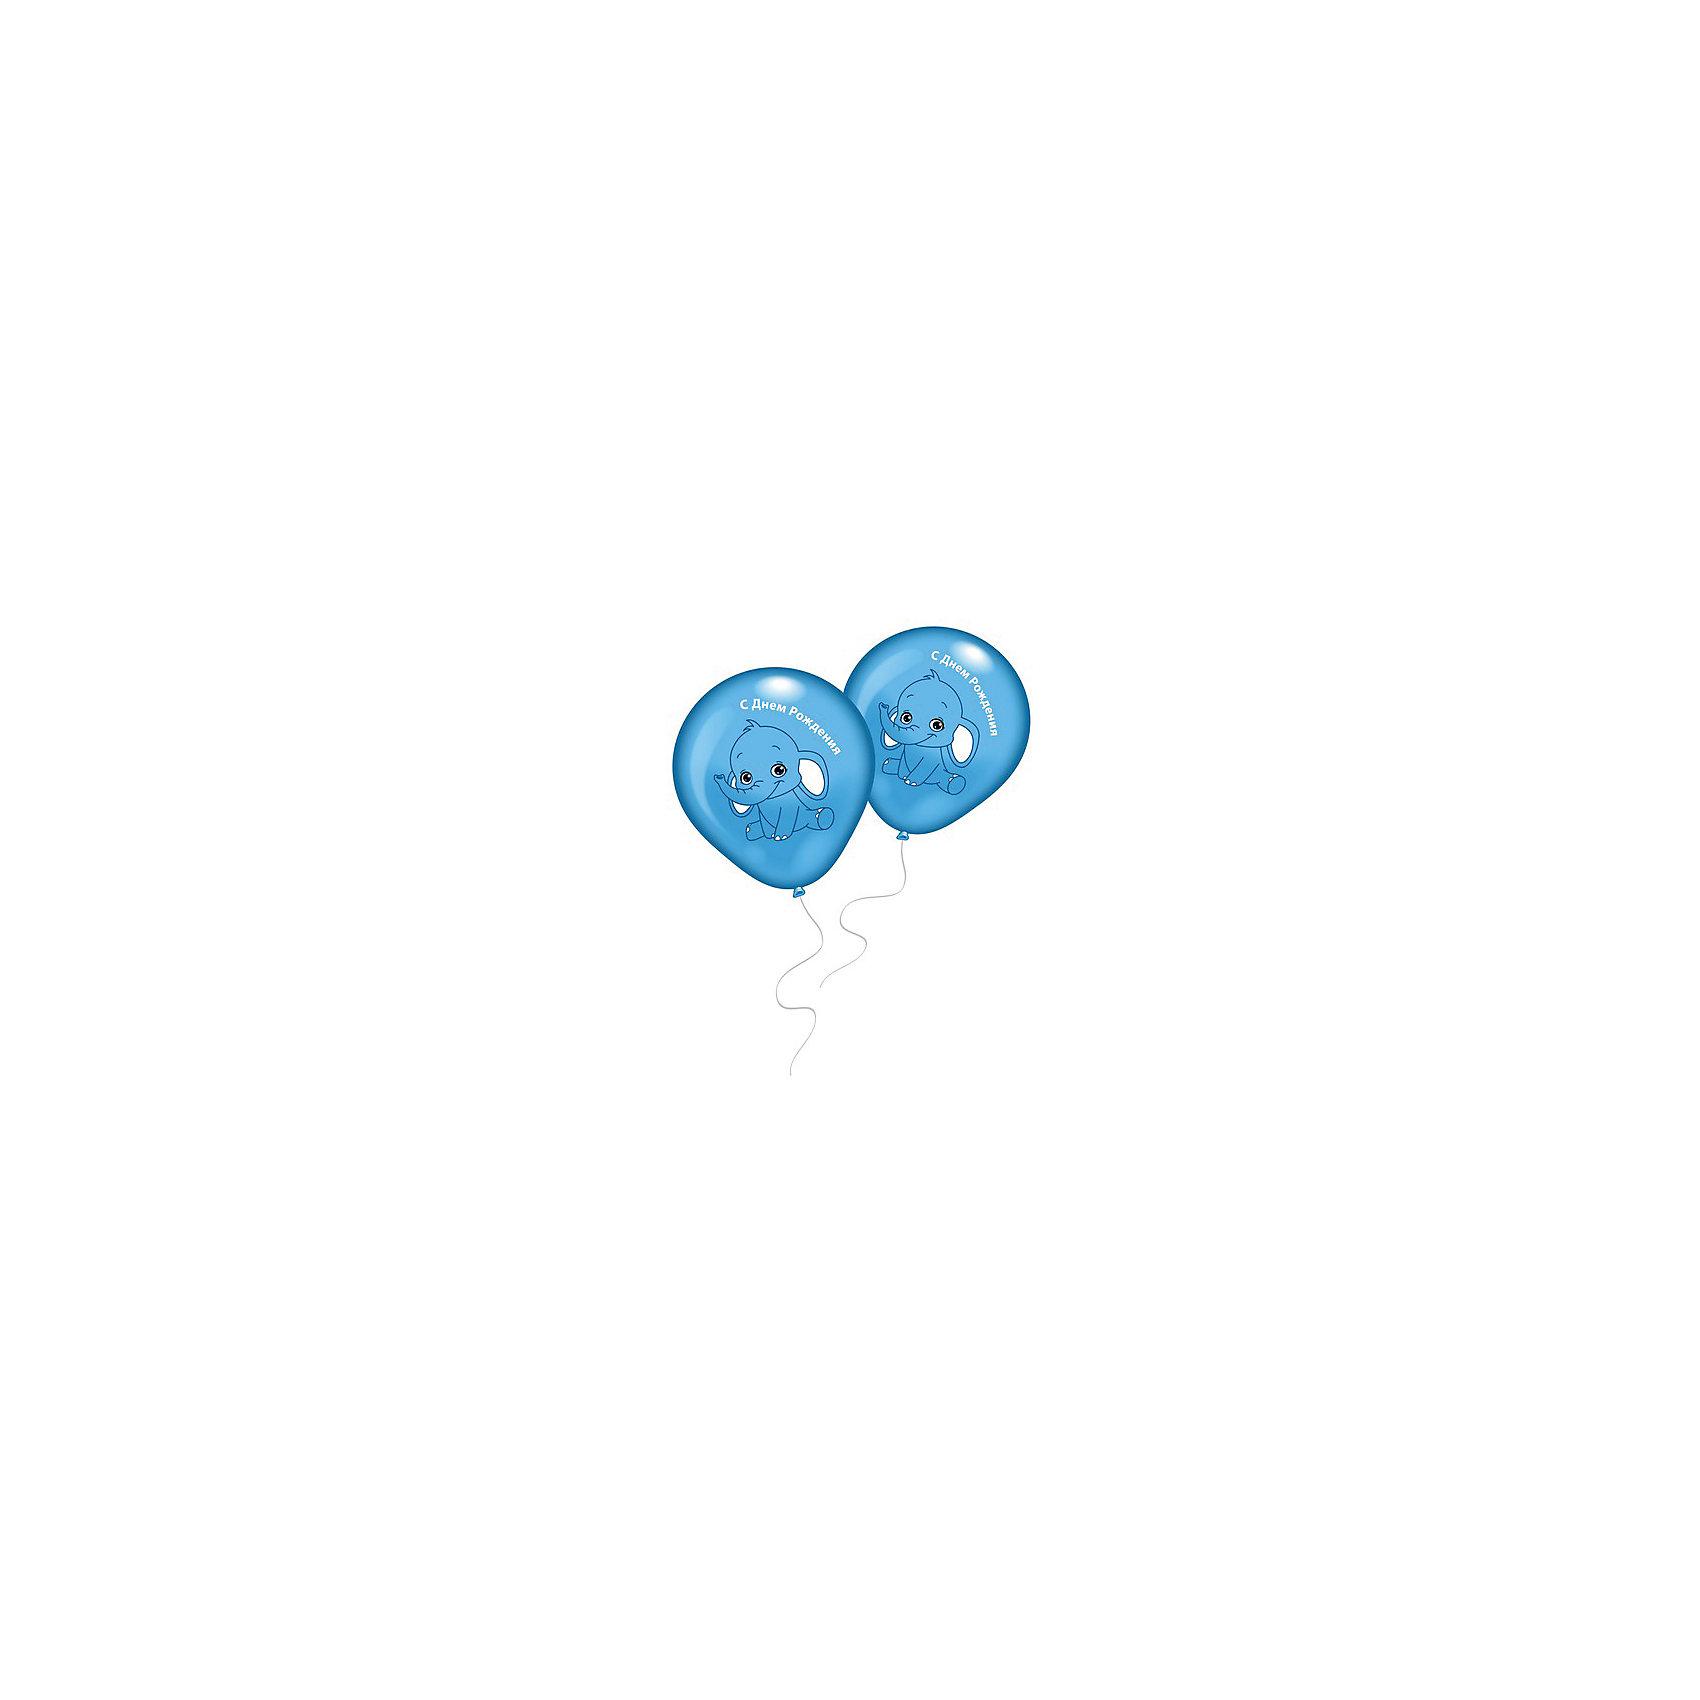 8 шариков с рисунком Голубой слоненокВсё для праздника<br><br><br>Ширина мм: 120<br>Глубина мм: 200<br>Высота мм: 10<br>Вес г: 10<br>Возраст от месяцев: 36<br>Возраст до месяцев: 120<br>Пол: Унисекс<br>Возраст: Детский<br>SKU: 6912884